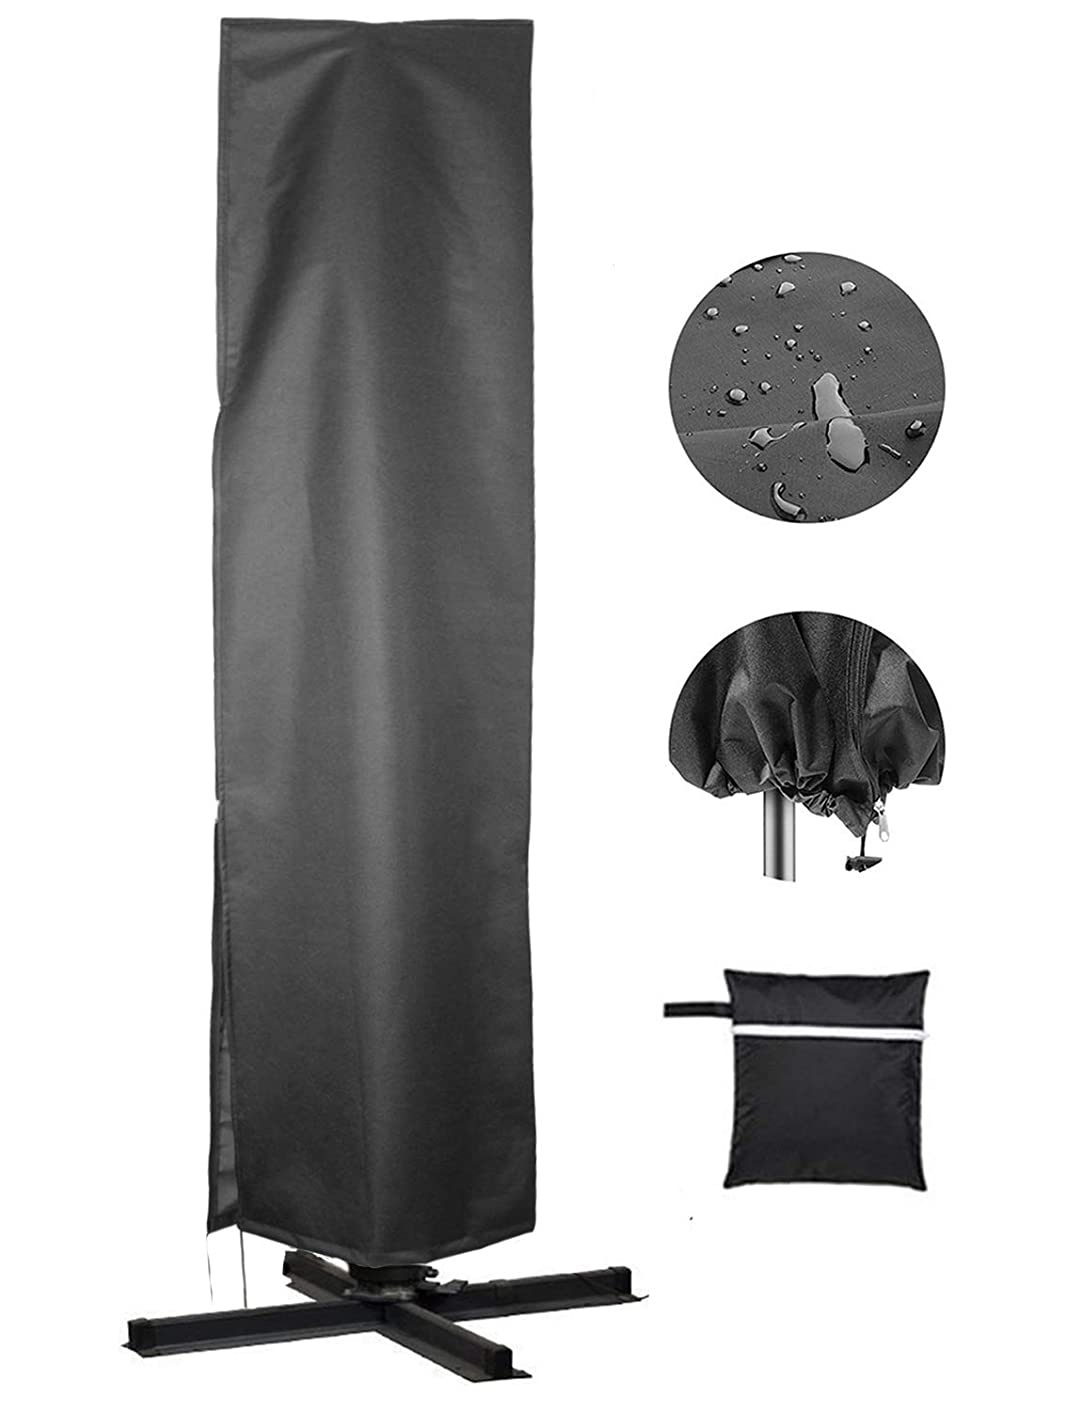 反抗ハッチ材料カバー パラソル 防水 防塵 防風 直径270cm~400cmの屋外パラソル用